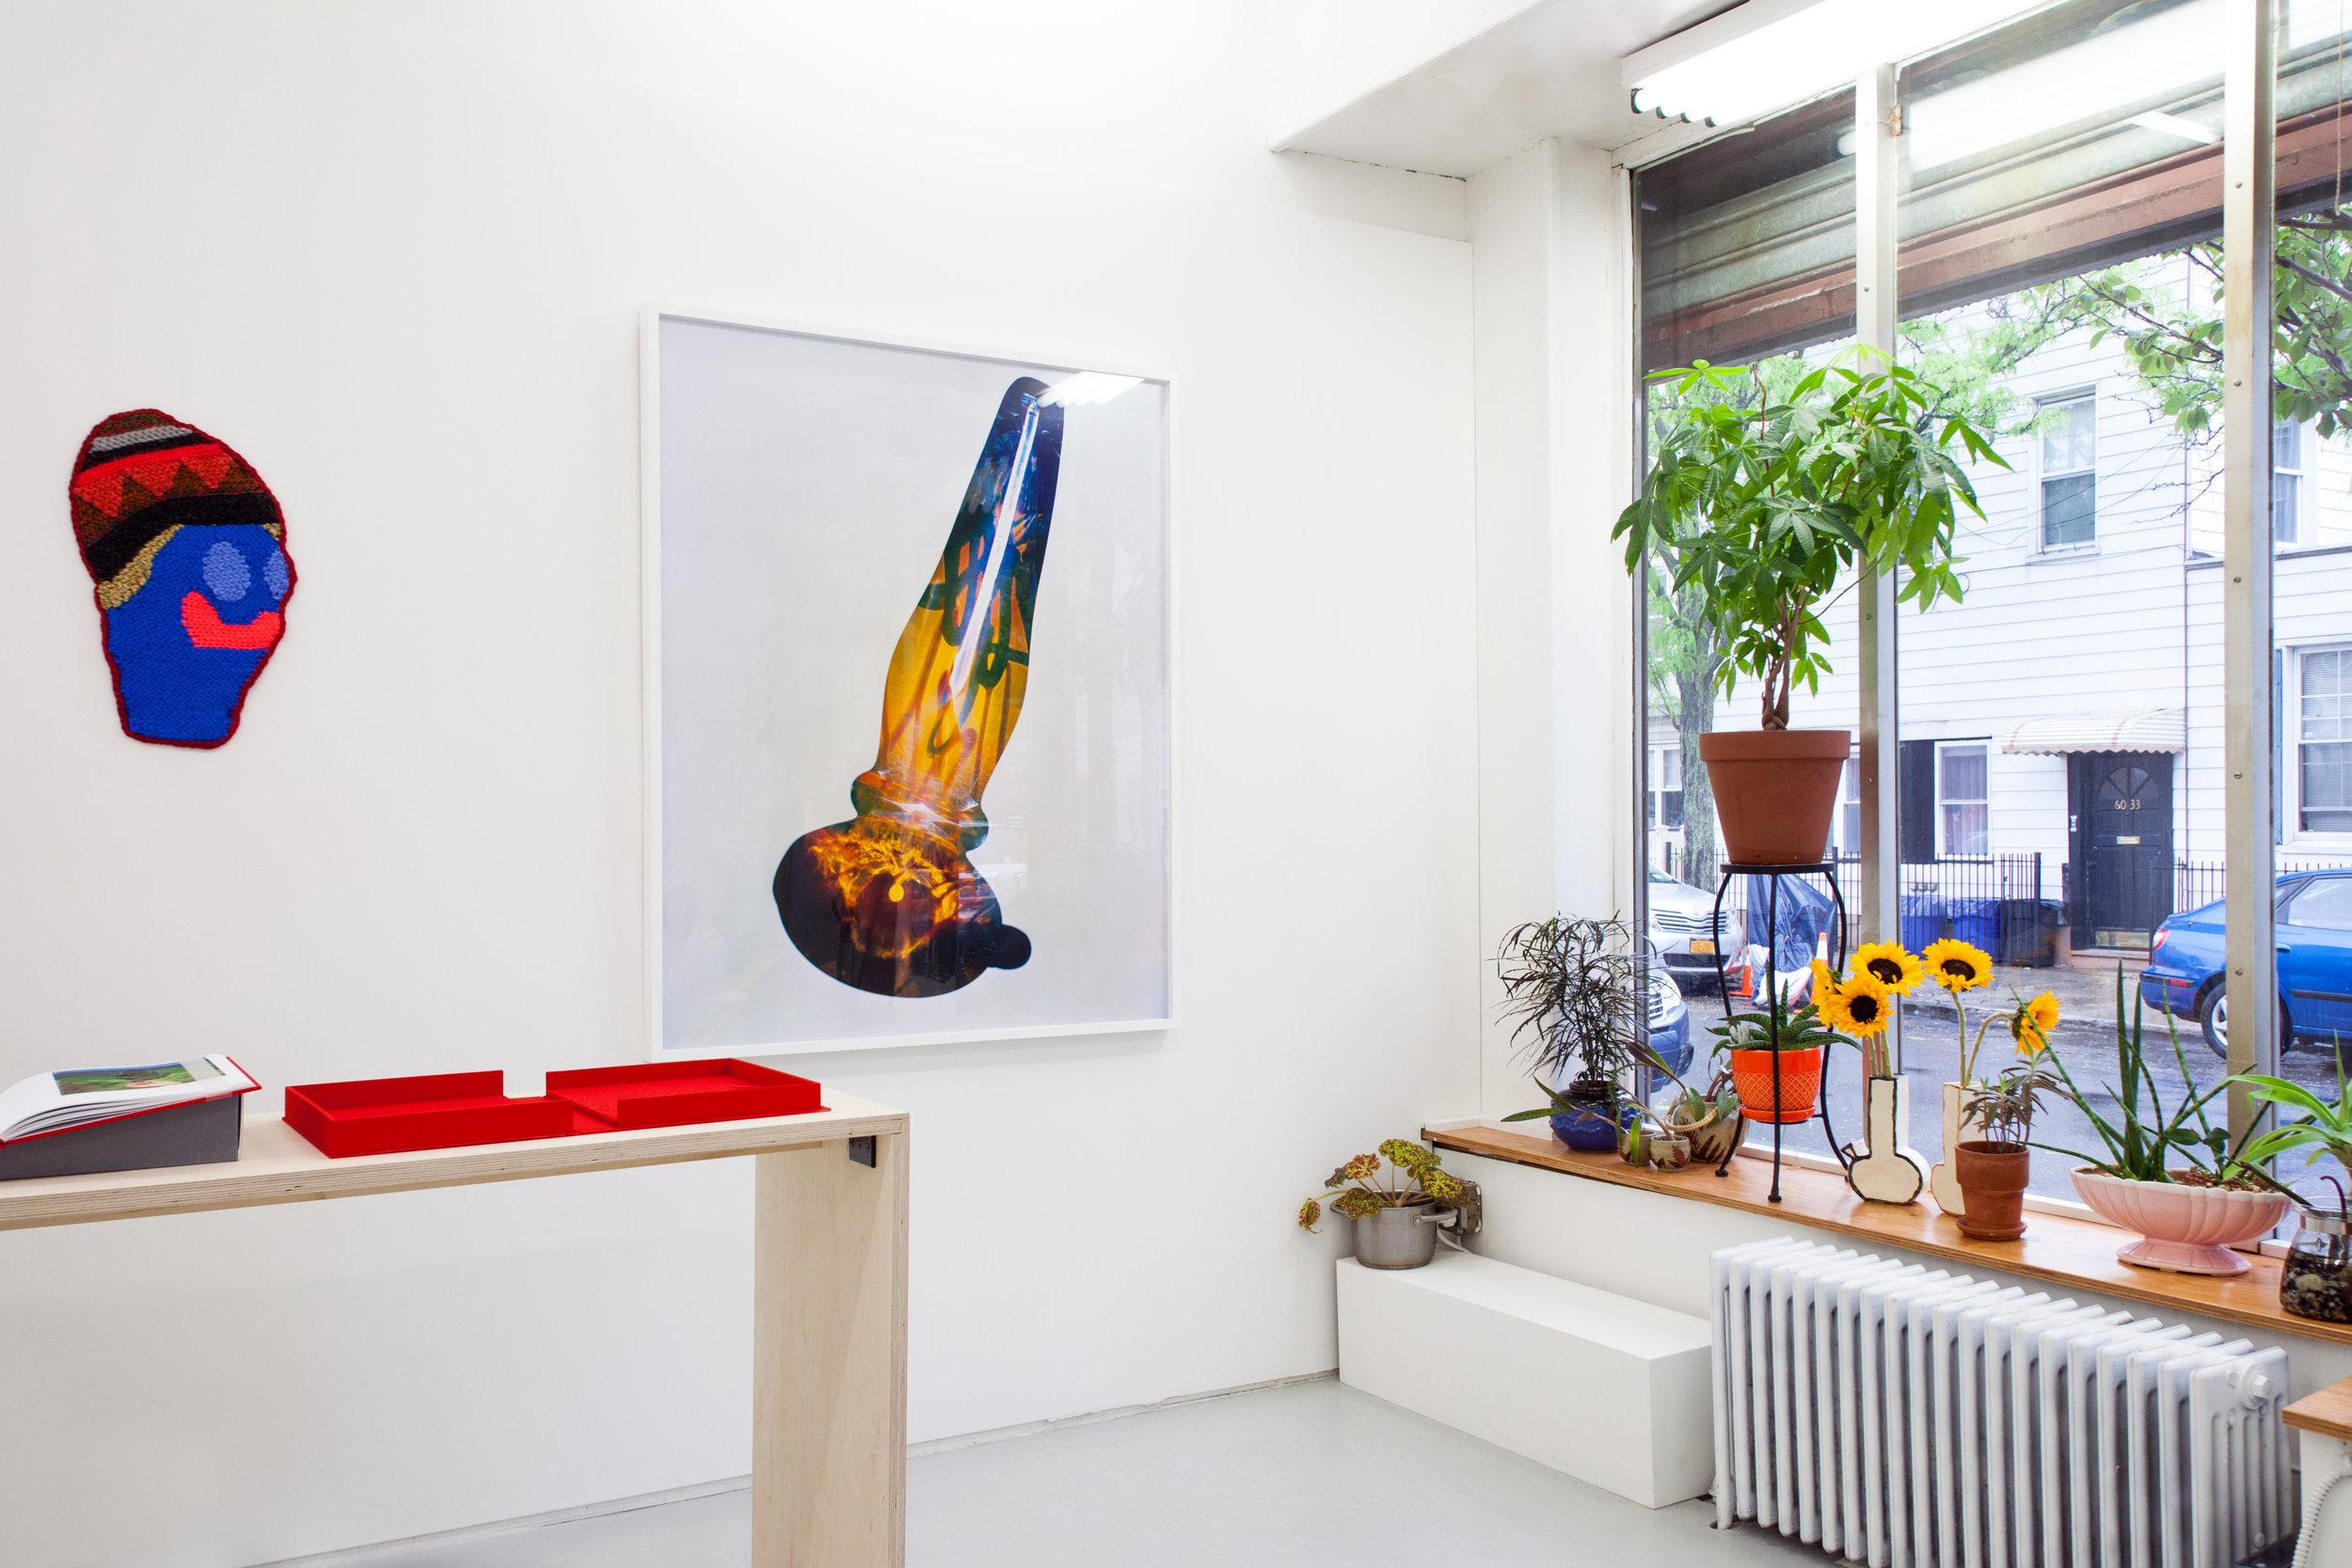 Dutch_Masters-Installation_View_25.jpg